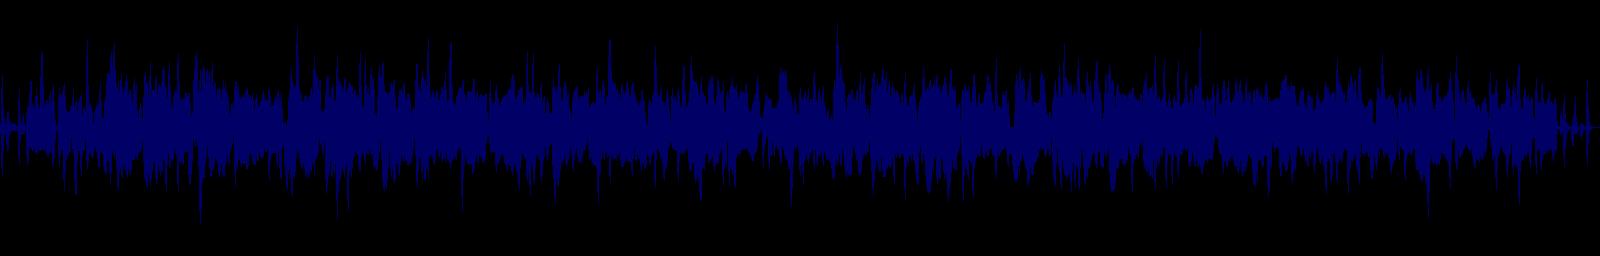 waveform of track #159674